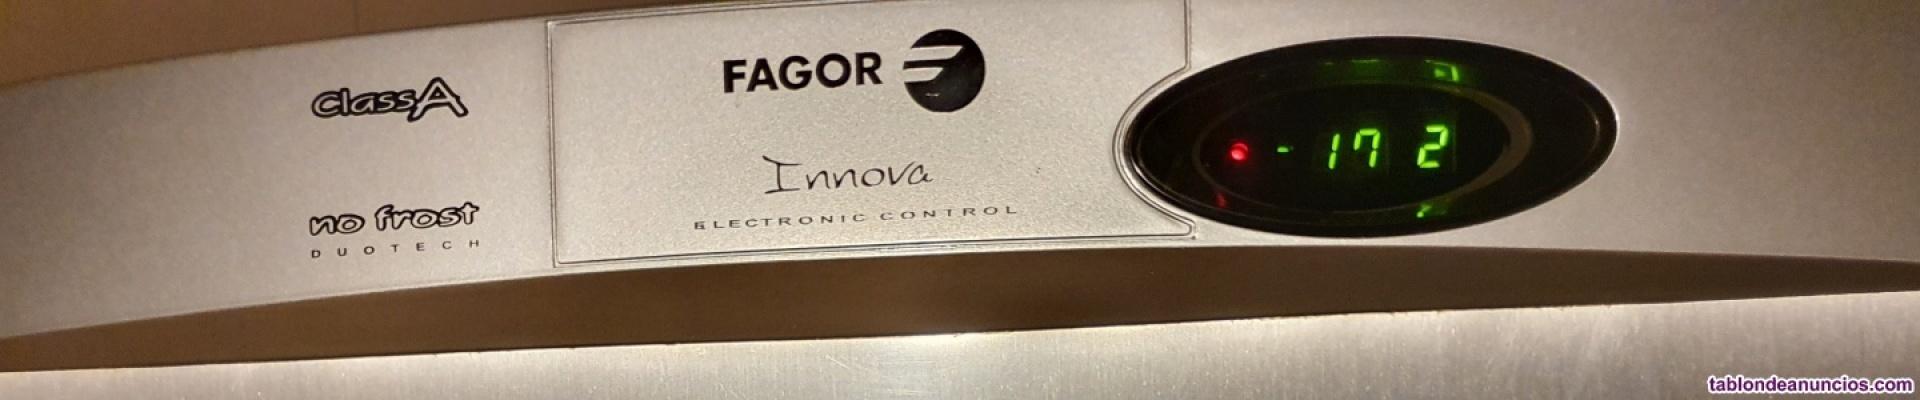 Frigorifico fagor innova electronic control no frost class A  (para despiece)